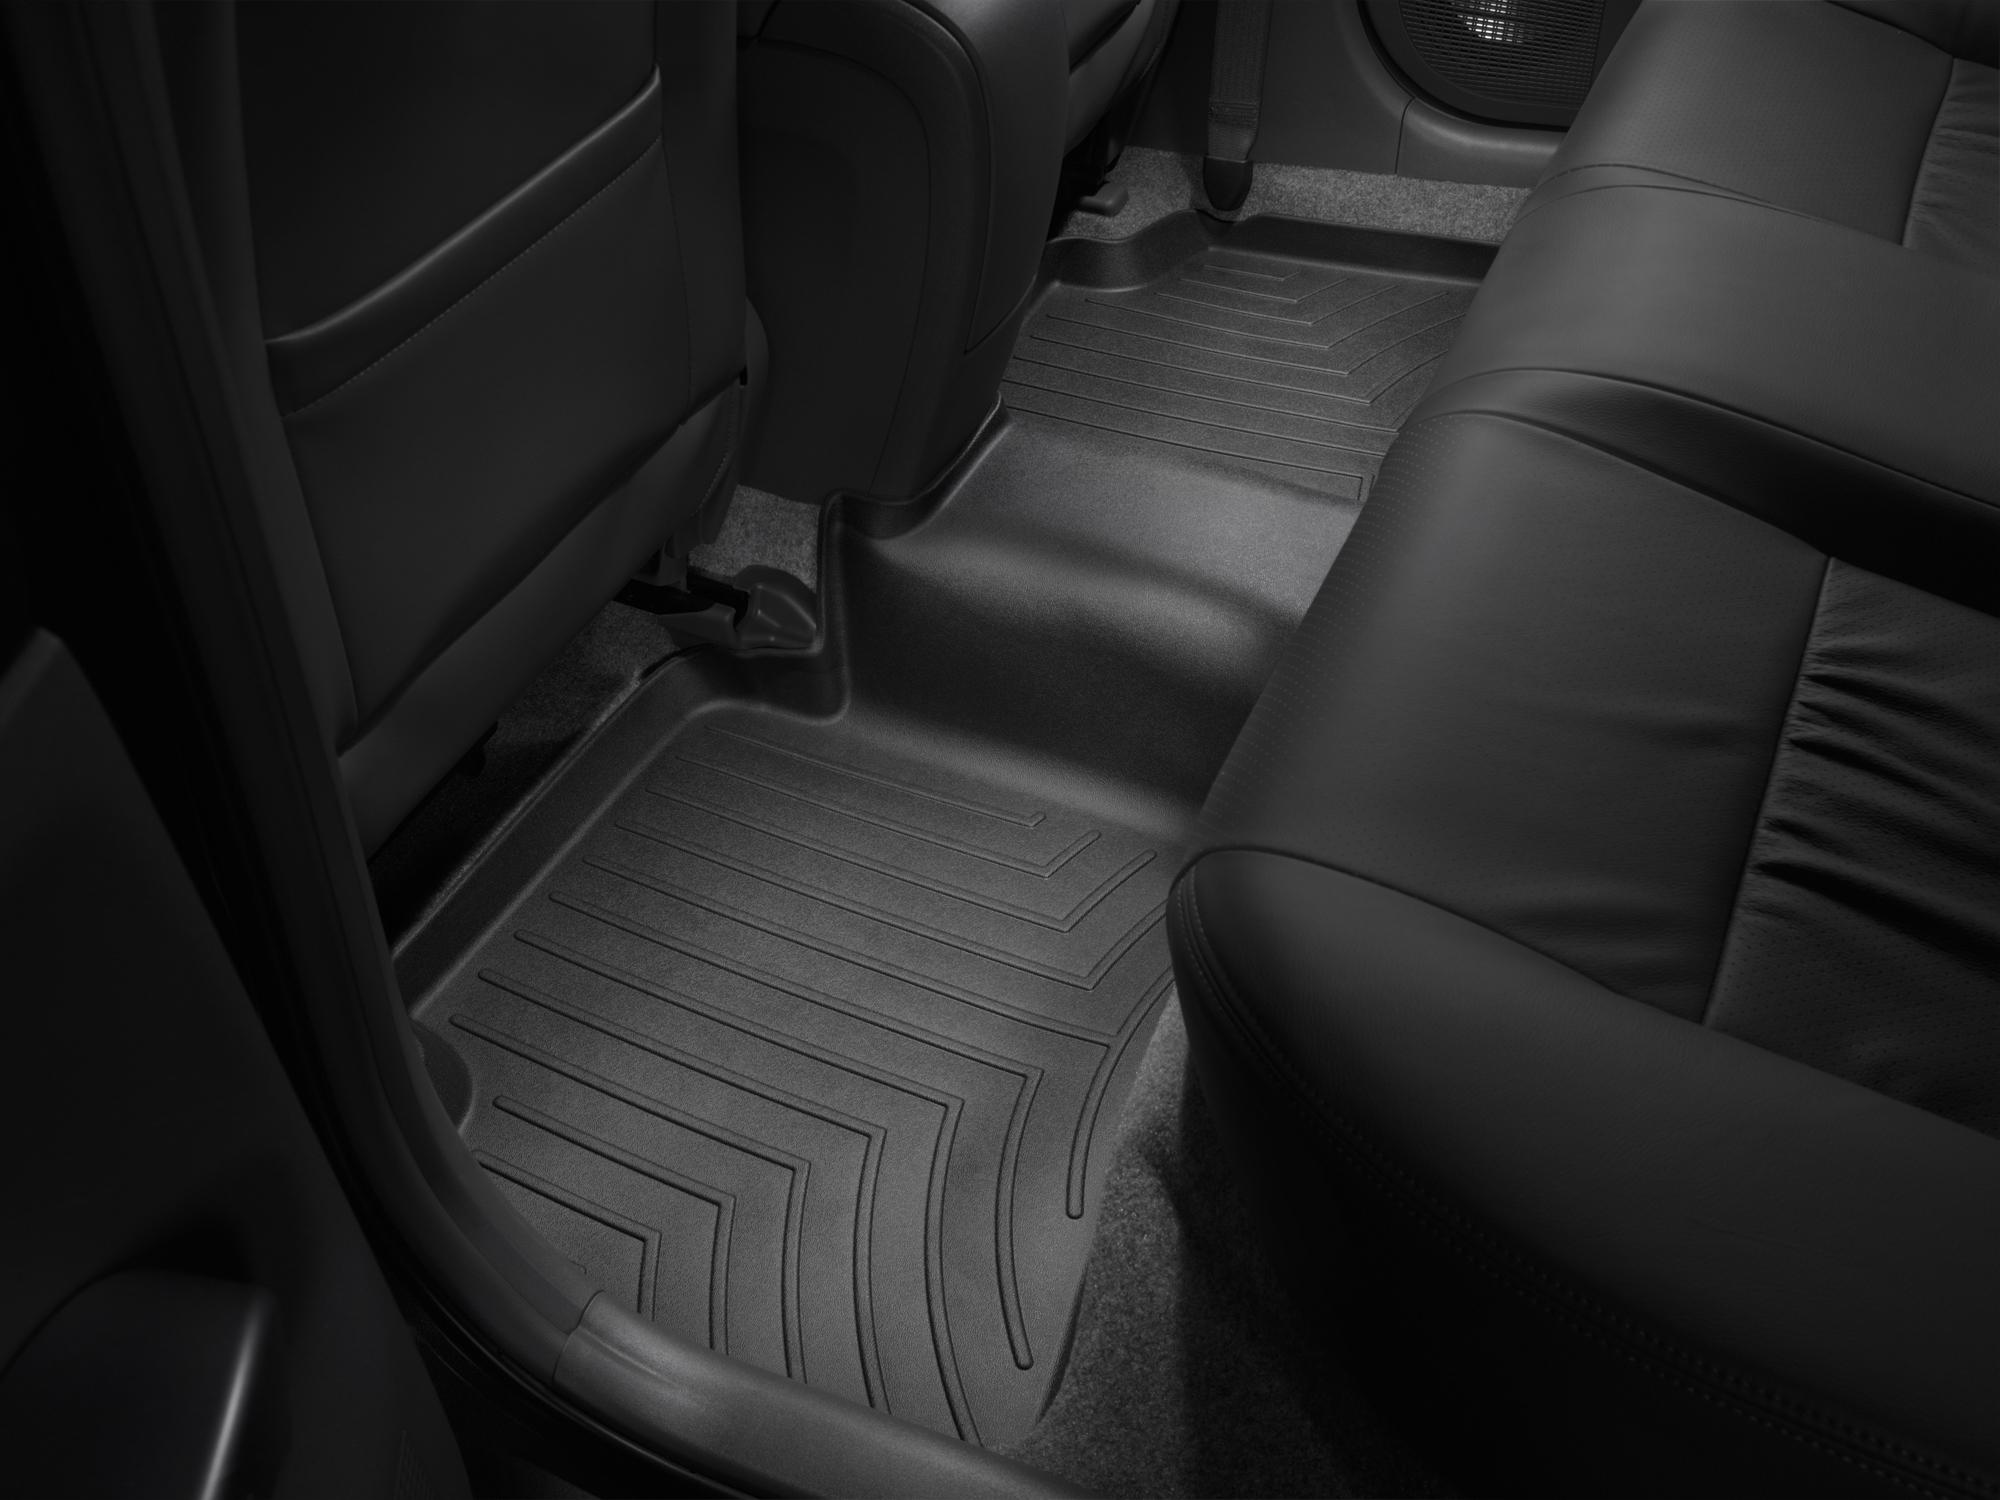 Tappeti gomma su misura bordo alto Toyota Prius 04>08 Nero A3734*